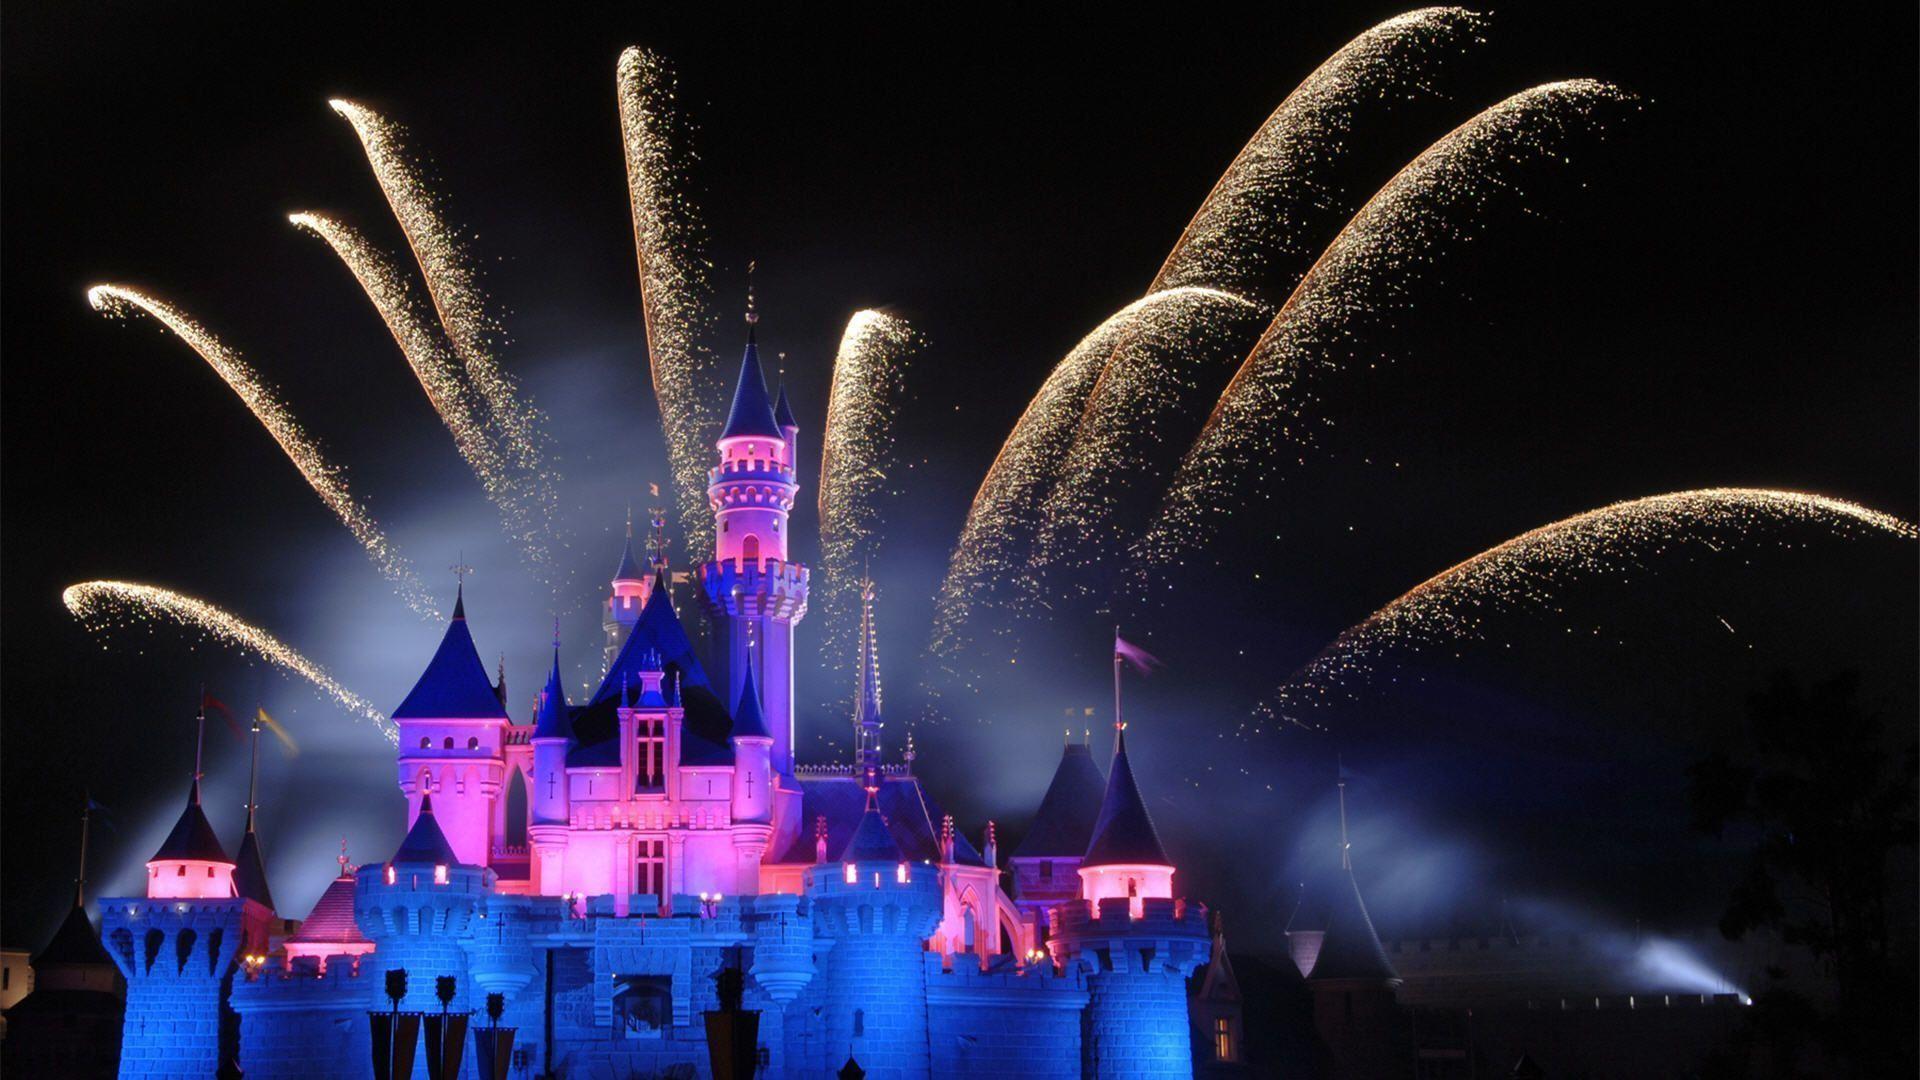 Disney Castle Wallpaper HD